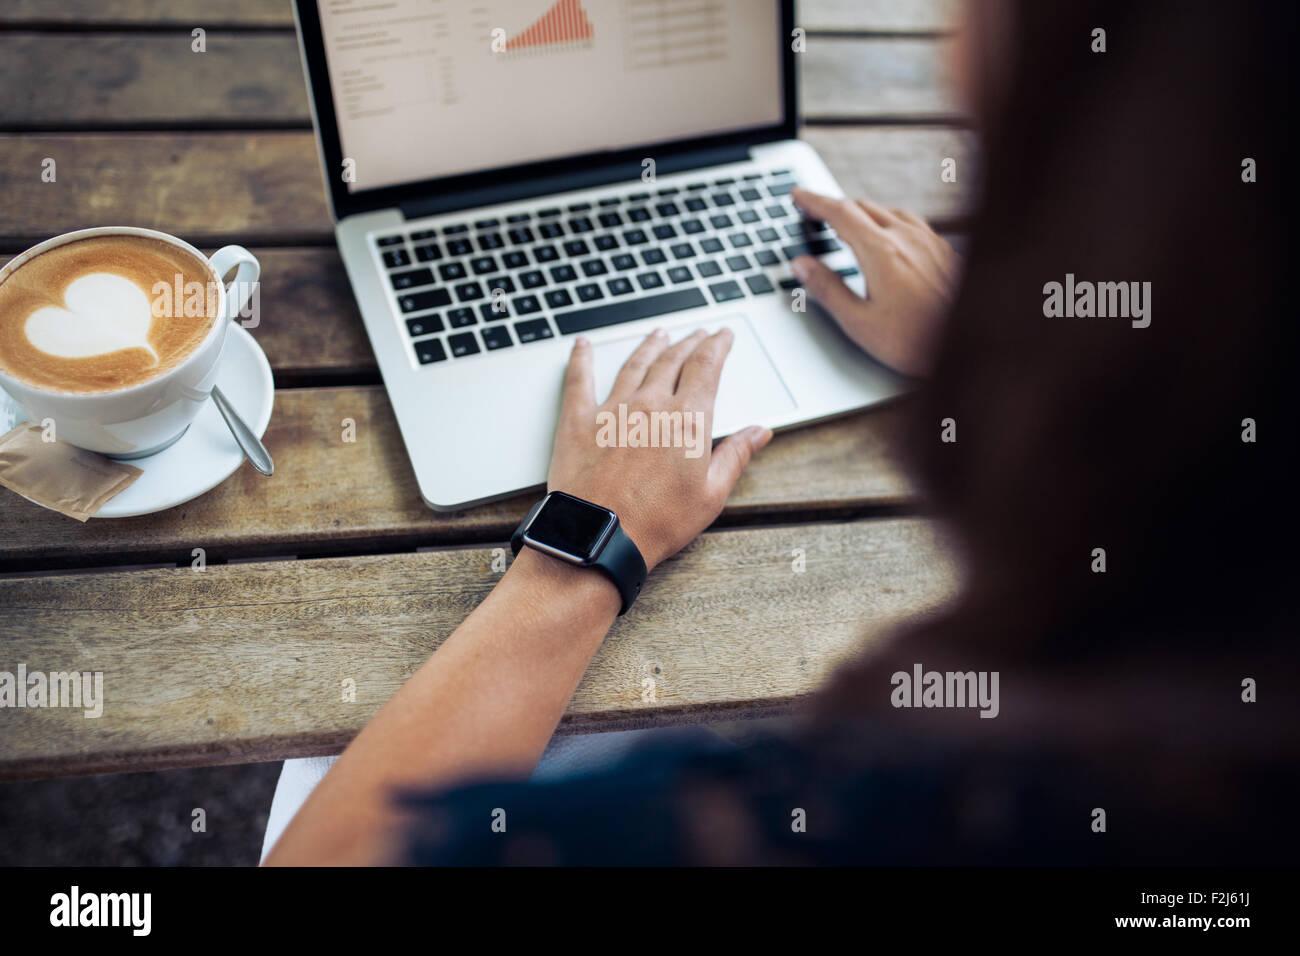 Frau Tippen auf der Tastatur eines Notebooks mit einer Kaffeetasse auf Holztisch. Frauen tragen eine Smartwatch Stockbild